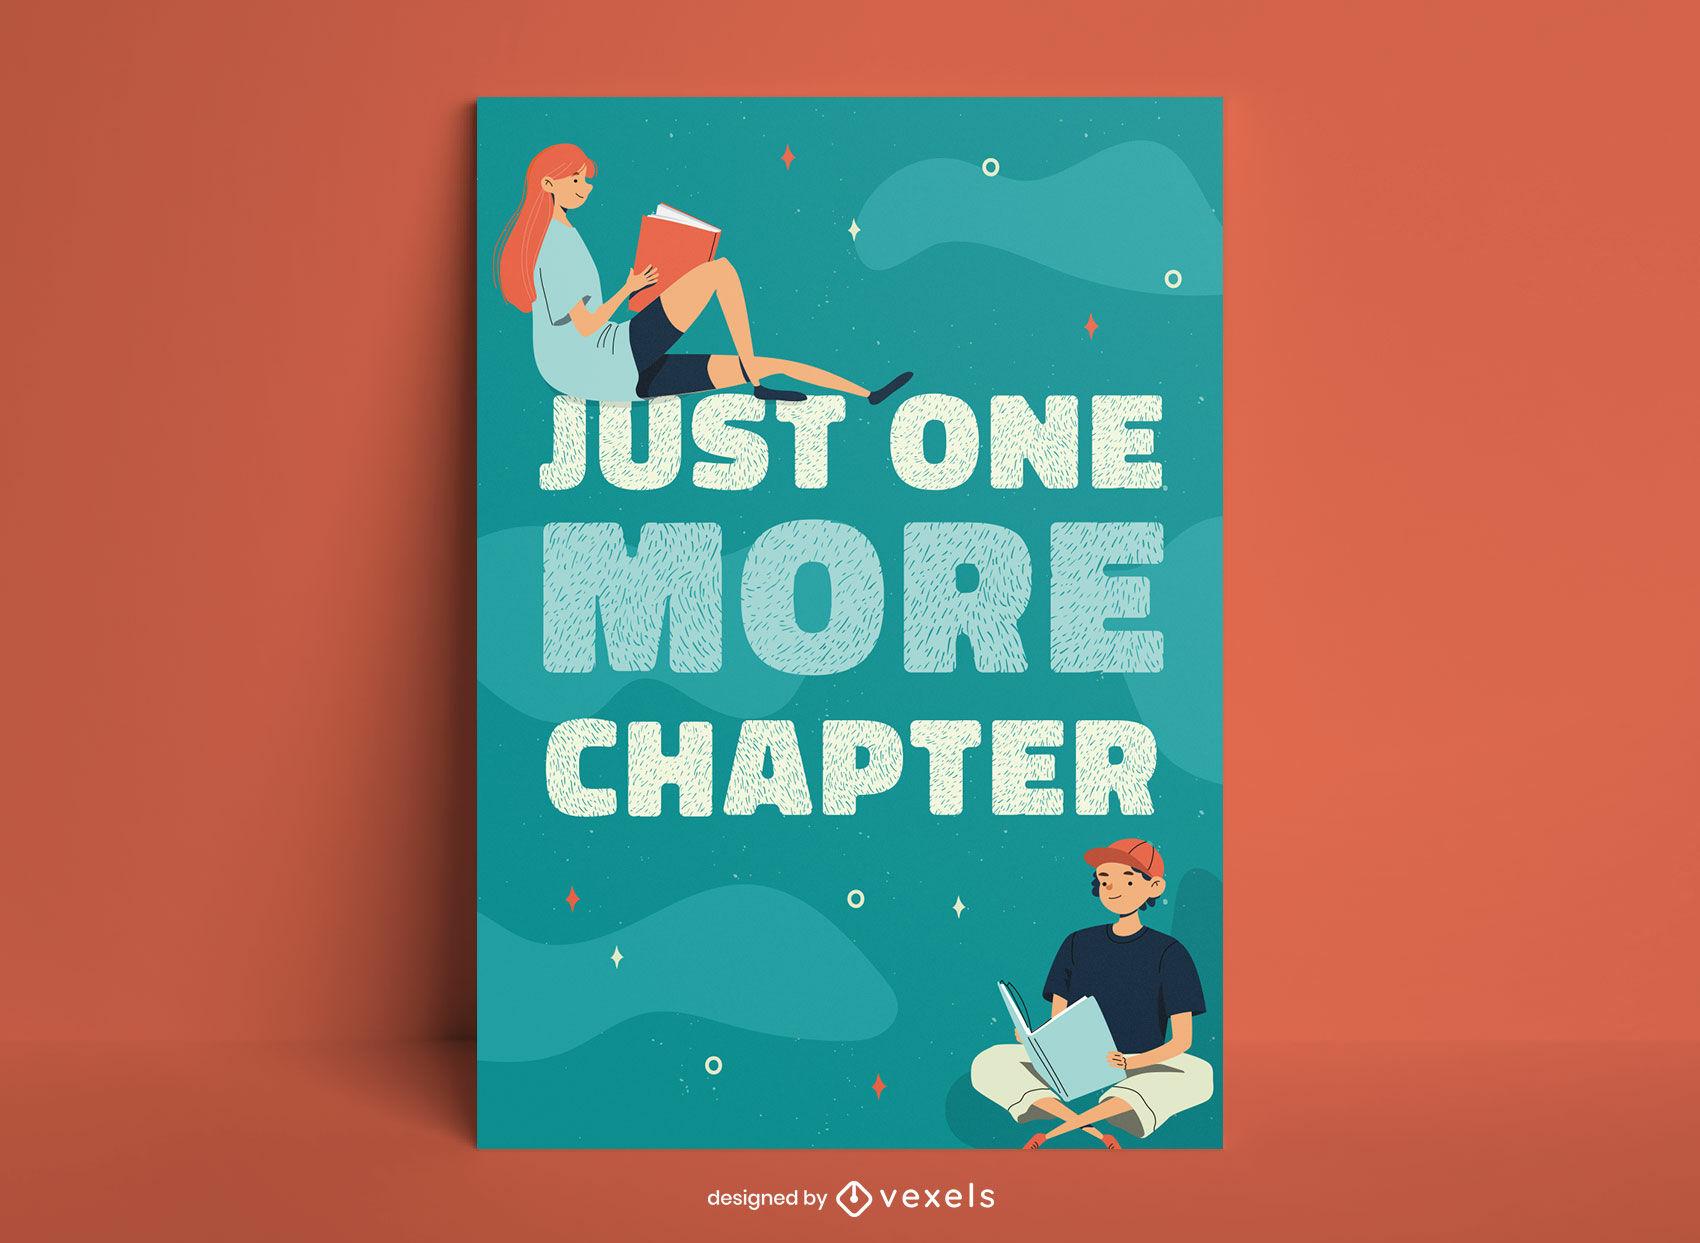 Leitura de hobby capítulo citação cartaz design